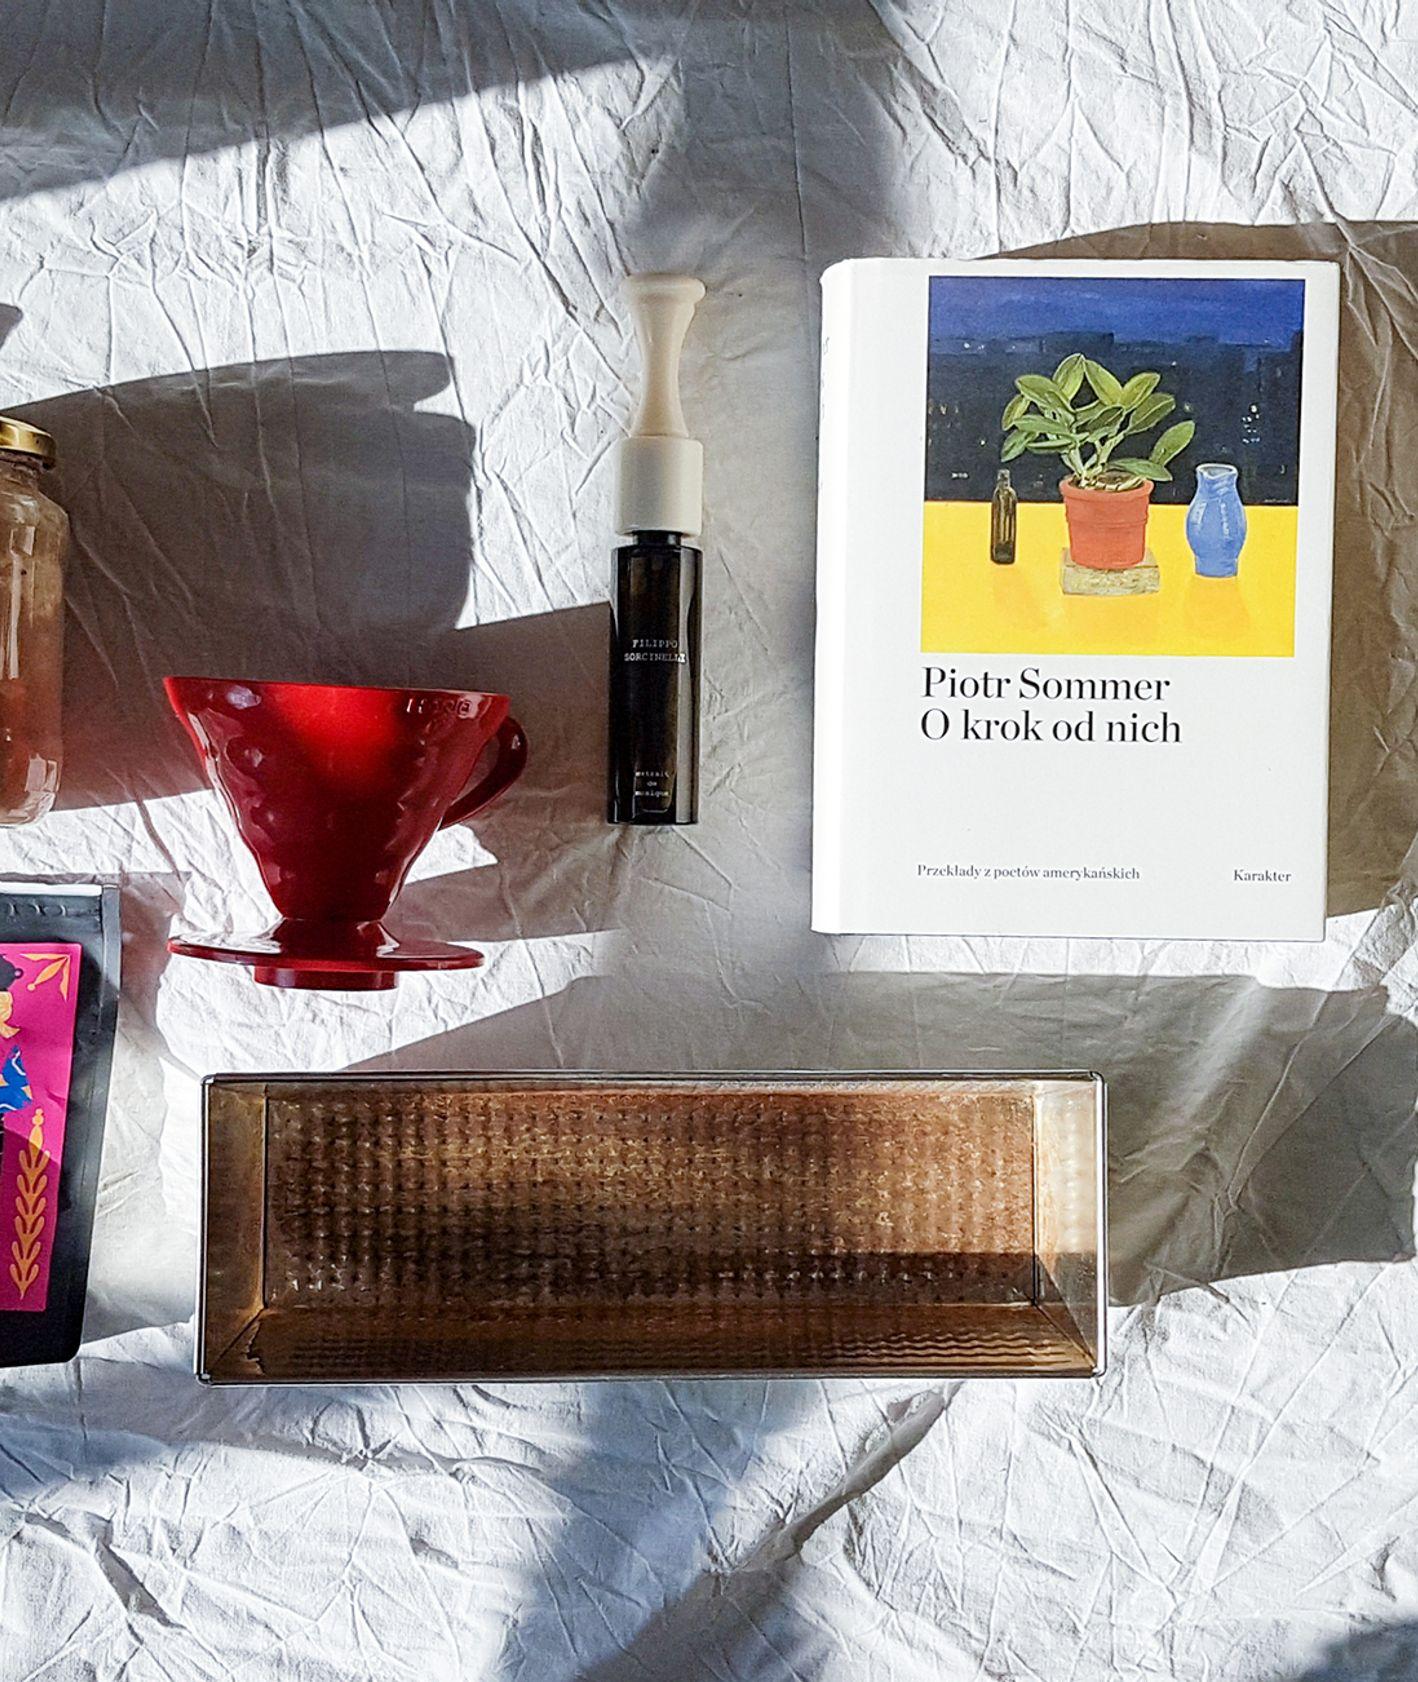 """Kubek, zakwas, drip, książka Piotra Sommera """"O krok od nich"""", opakowanie kawy, keksówka i liść monstery (fot. Maciek Kostrzewa)"""